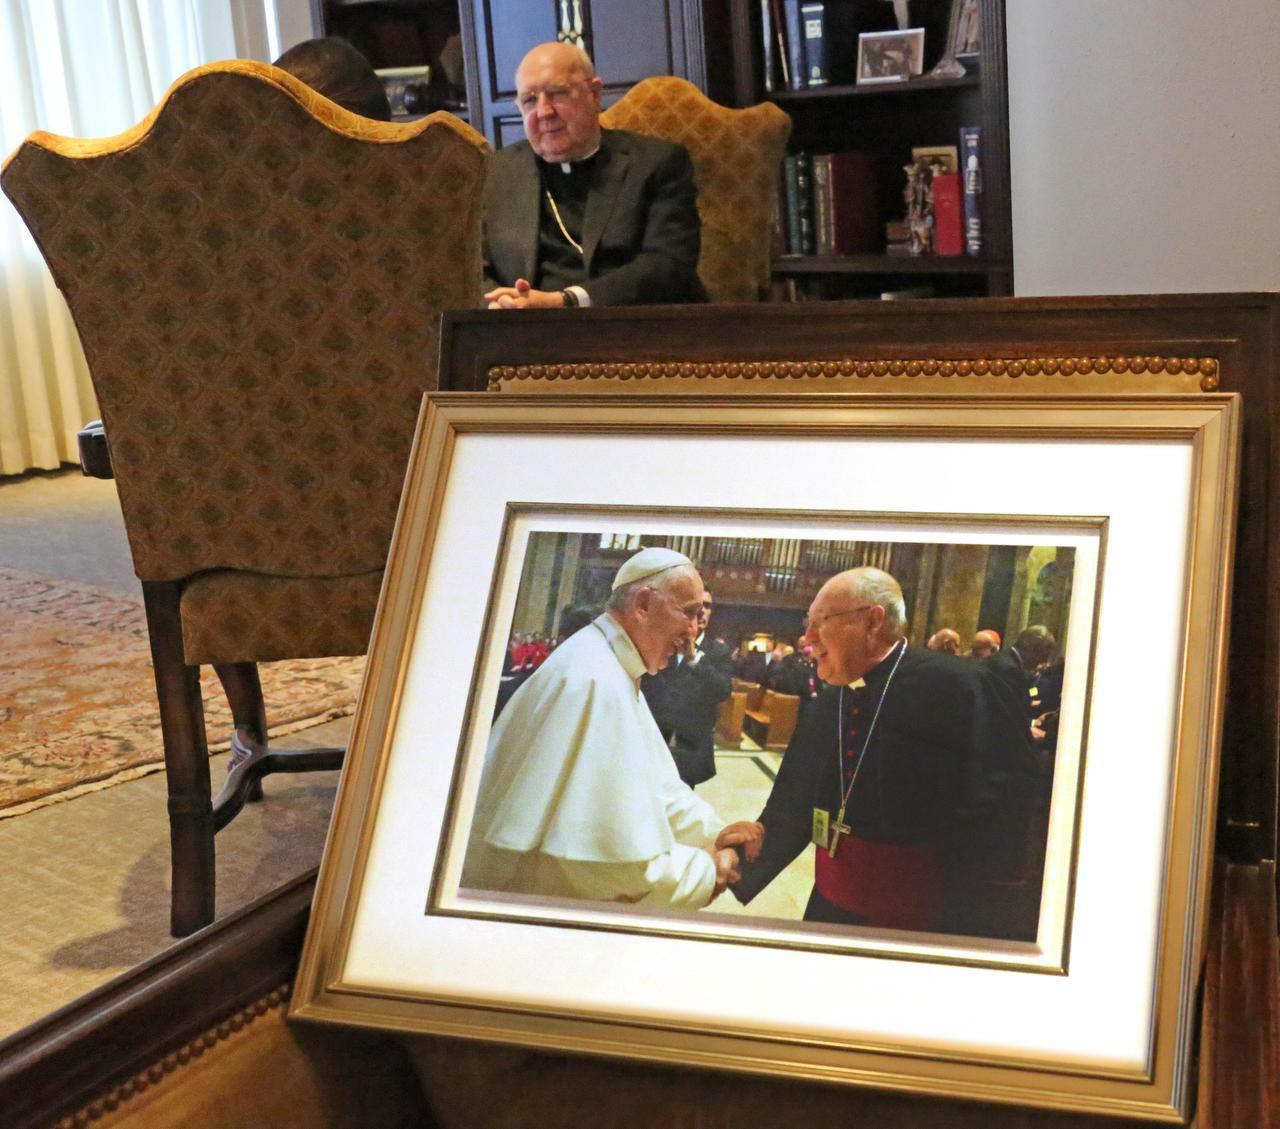 Una fotografía del obispo Kevin Farrell junto al papa Francisco en el despacho del obispo en Dallas. | LOUIS DeLUCA/DMN